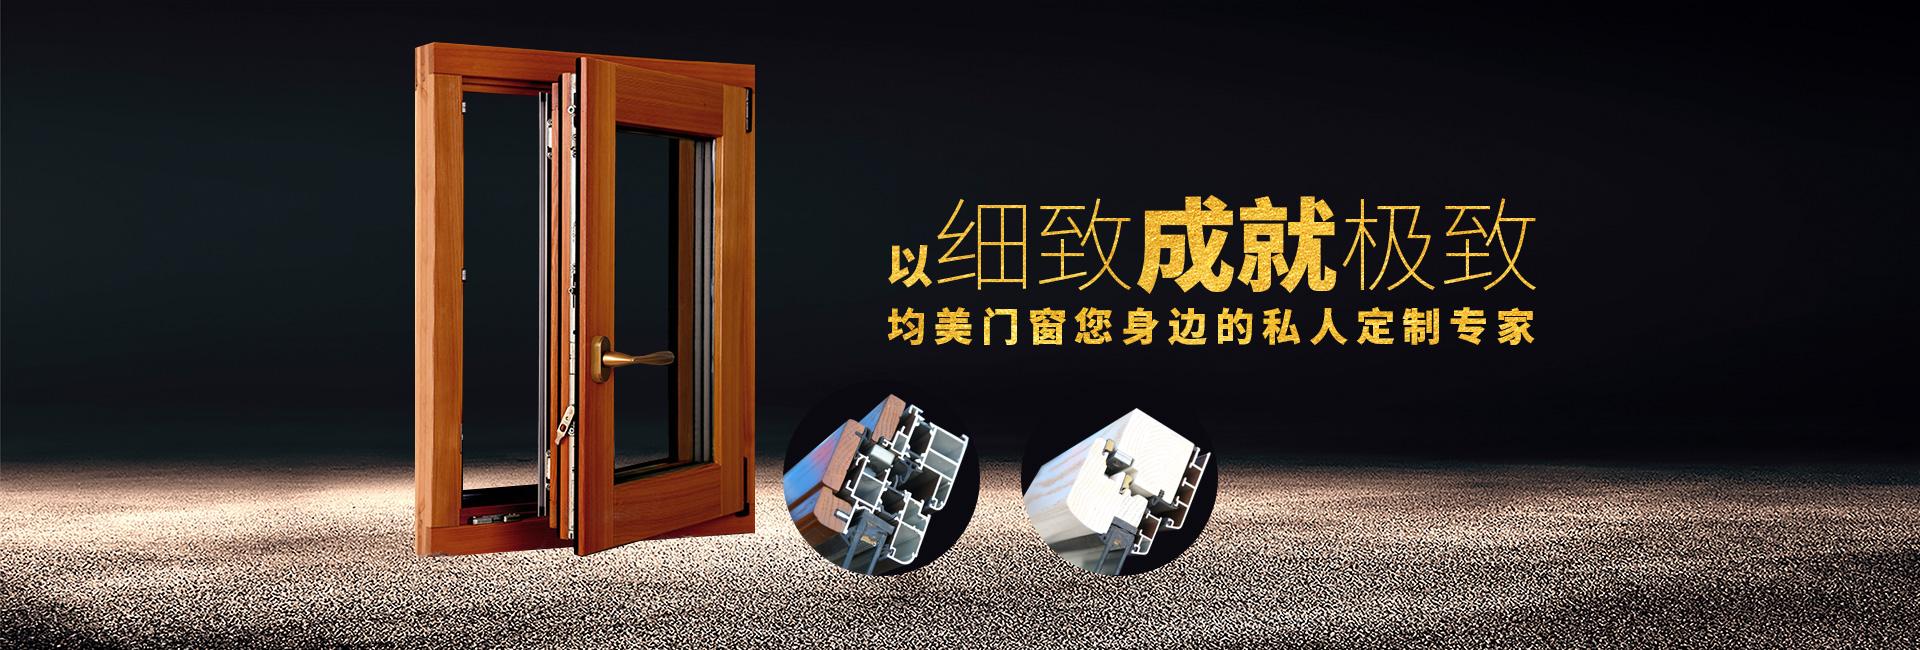 铝木门窗厂家